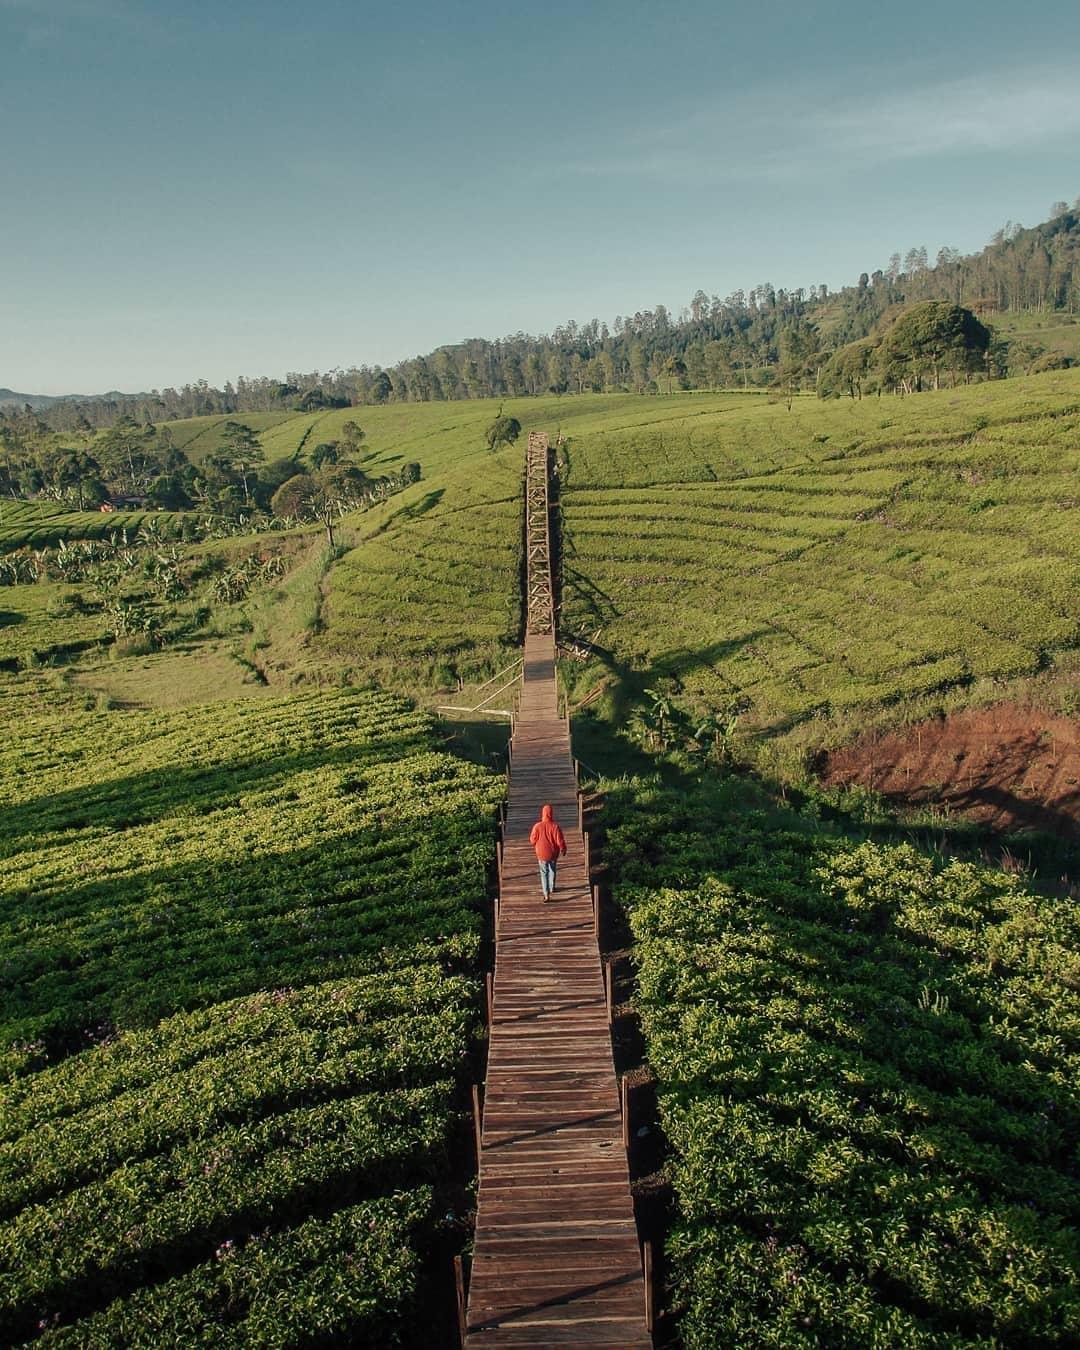 Jembatan Kayu Di Nuansa Riung Gunung Image From @sobar_rdn